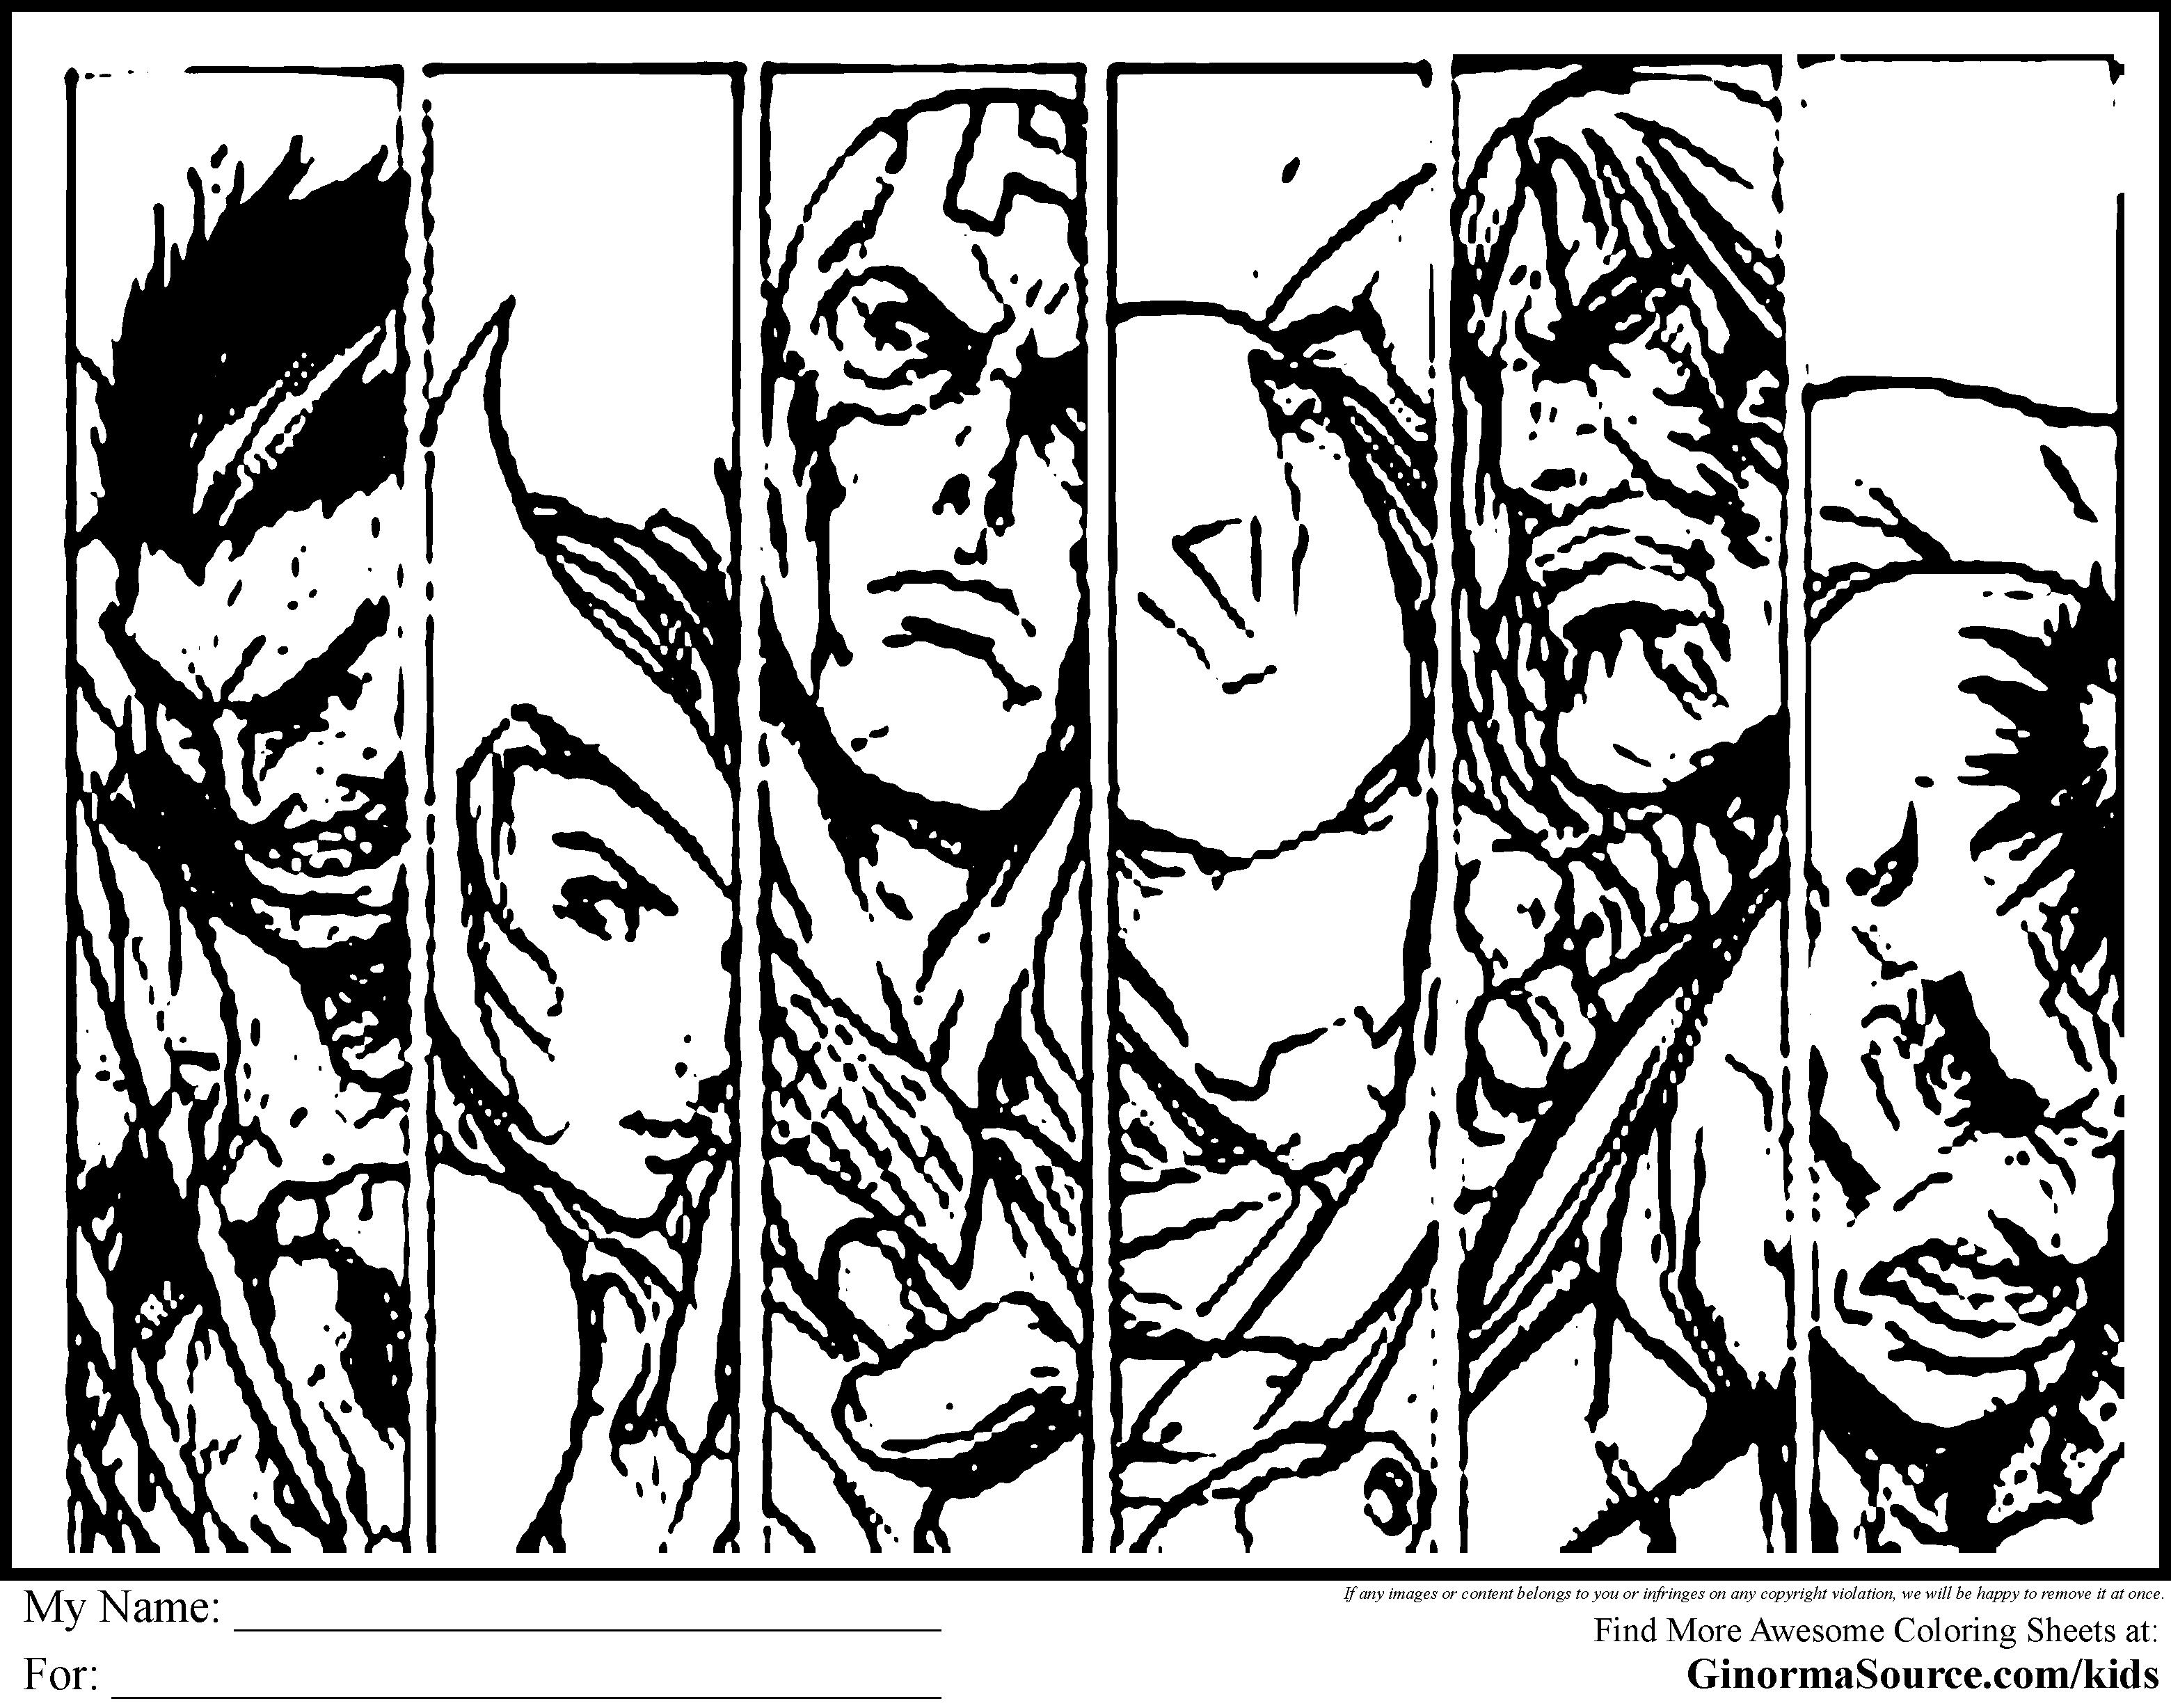 Meilleur De Coloriage Avenger A Imprimer | Imprimer Et serapportantà Coloriage Avengers